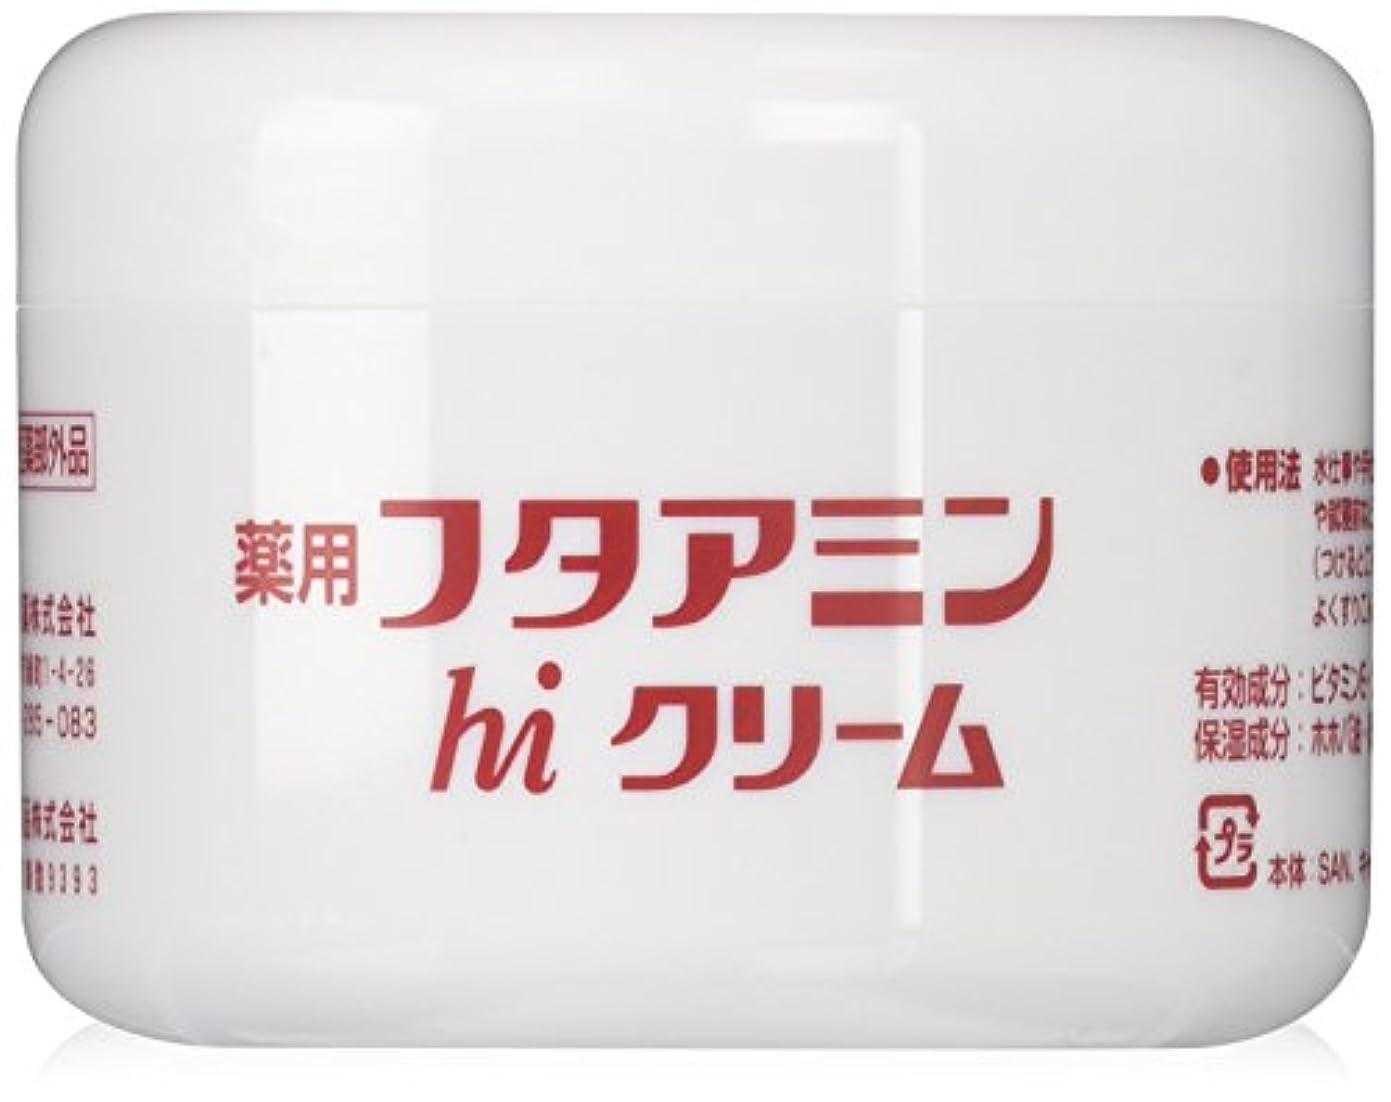 きれいに一般的にタイピスト薬用 フタアミンhiクリーム 130g  3個セット 3gサンプル2個付